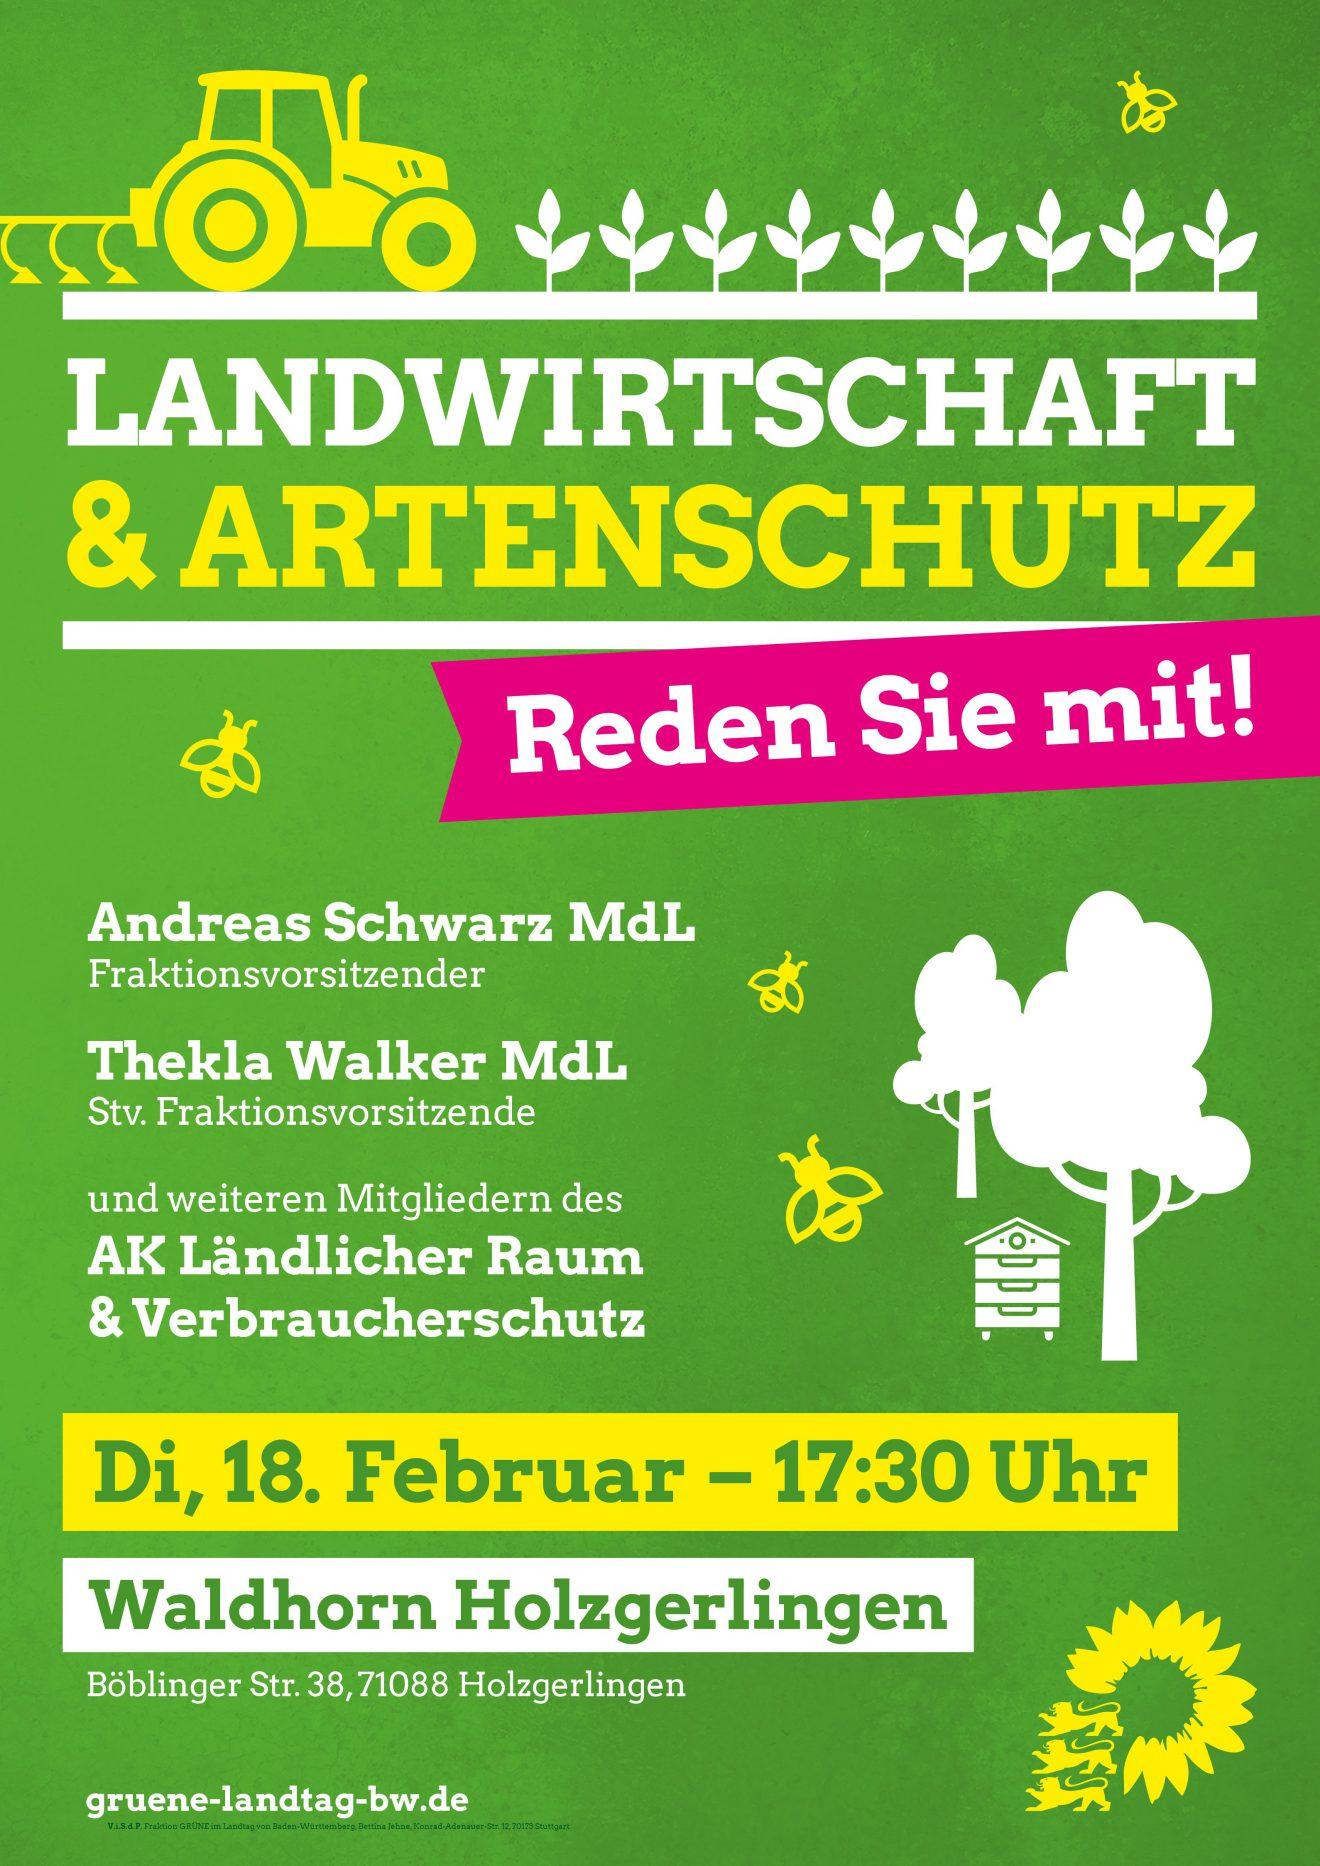 Einladung zu Landwirtschaft & Artenschutz - Reden Sie mit!